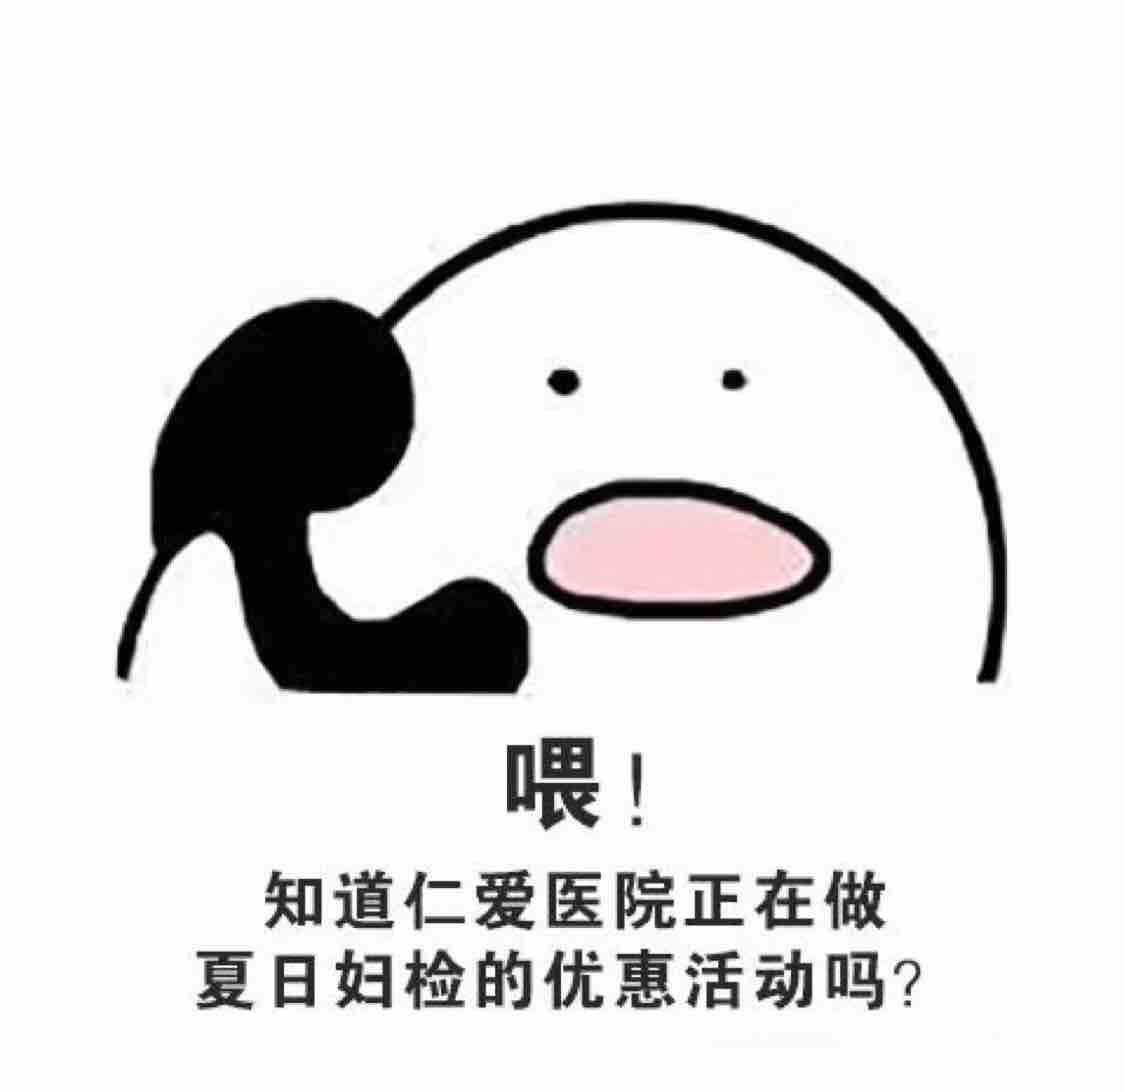 桐城仁爱医养院